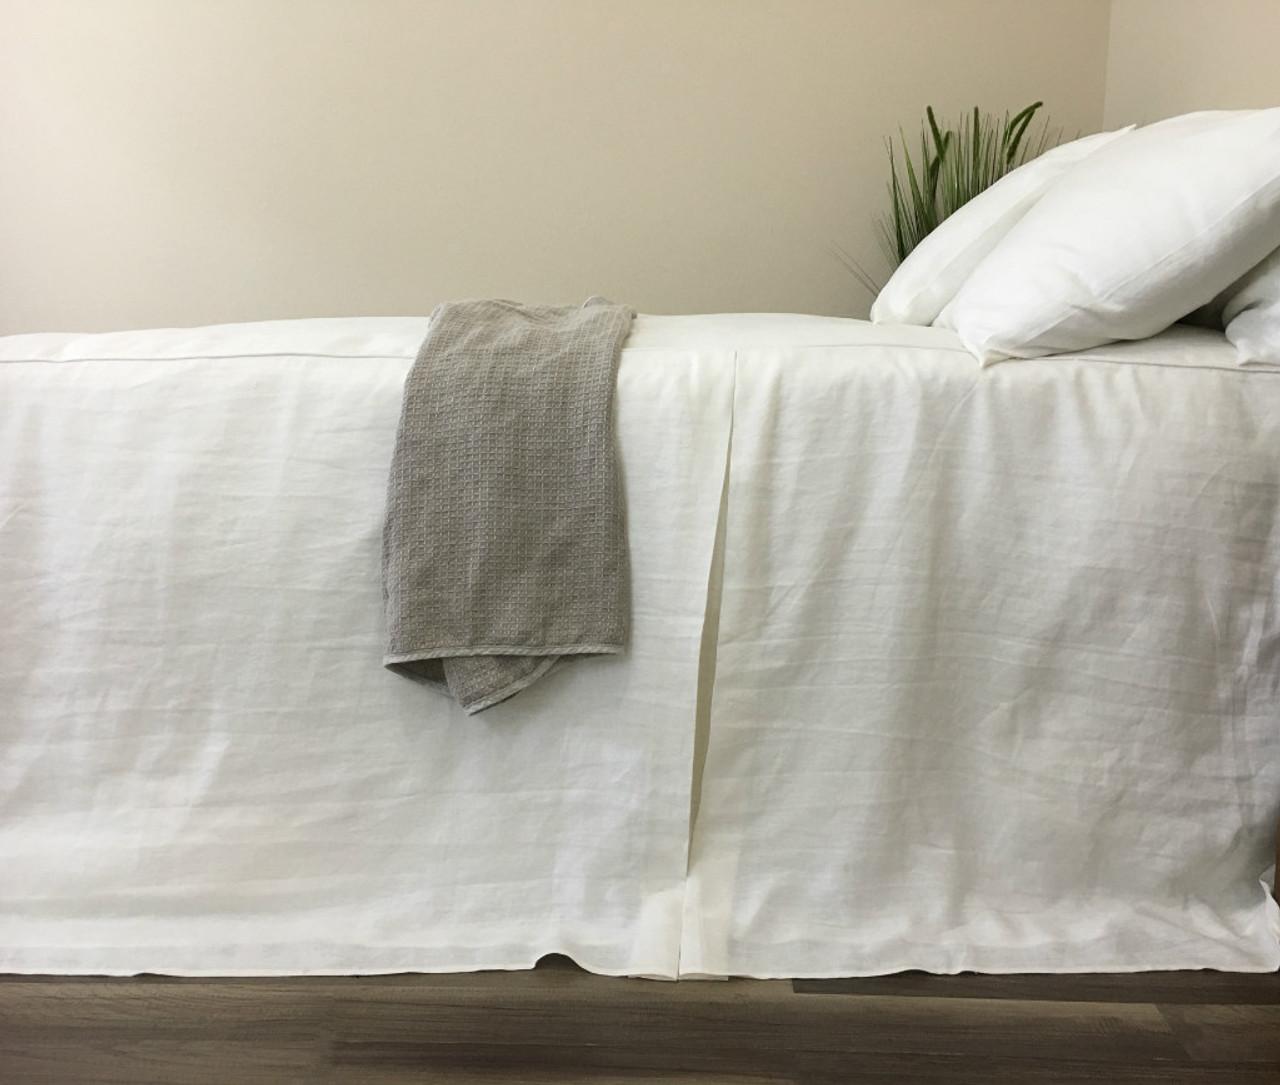 Attirant White Linen Bed Cover, Tailored Pleat